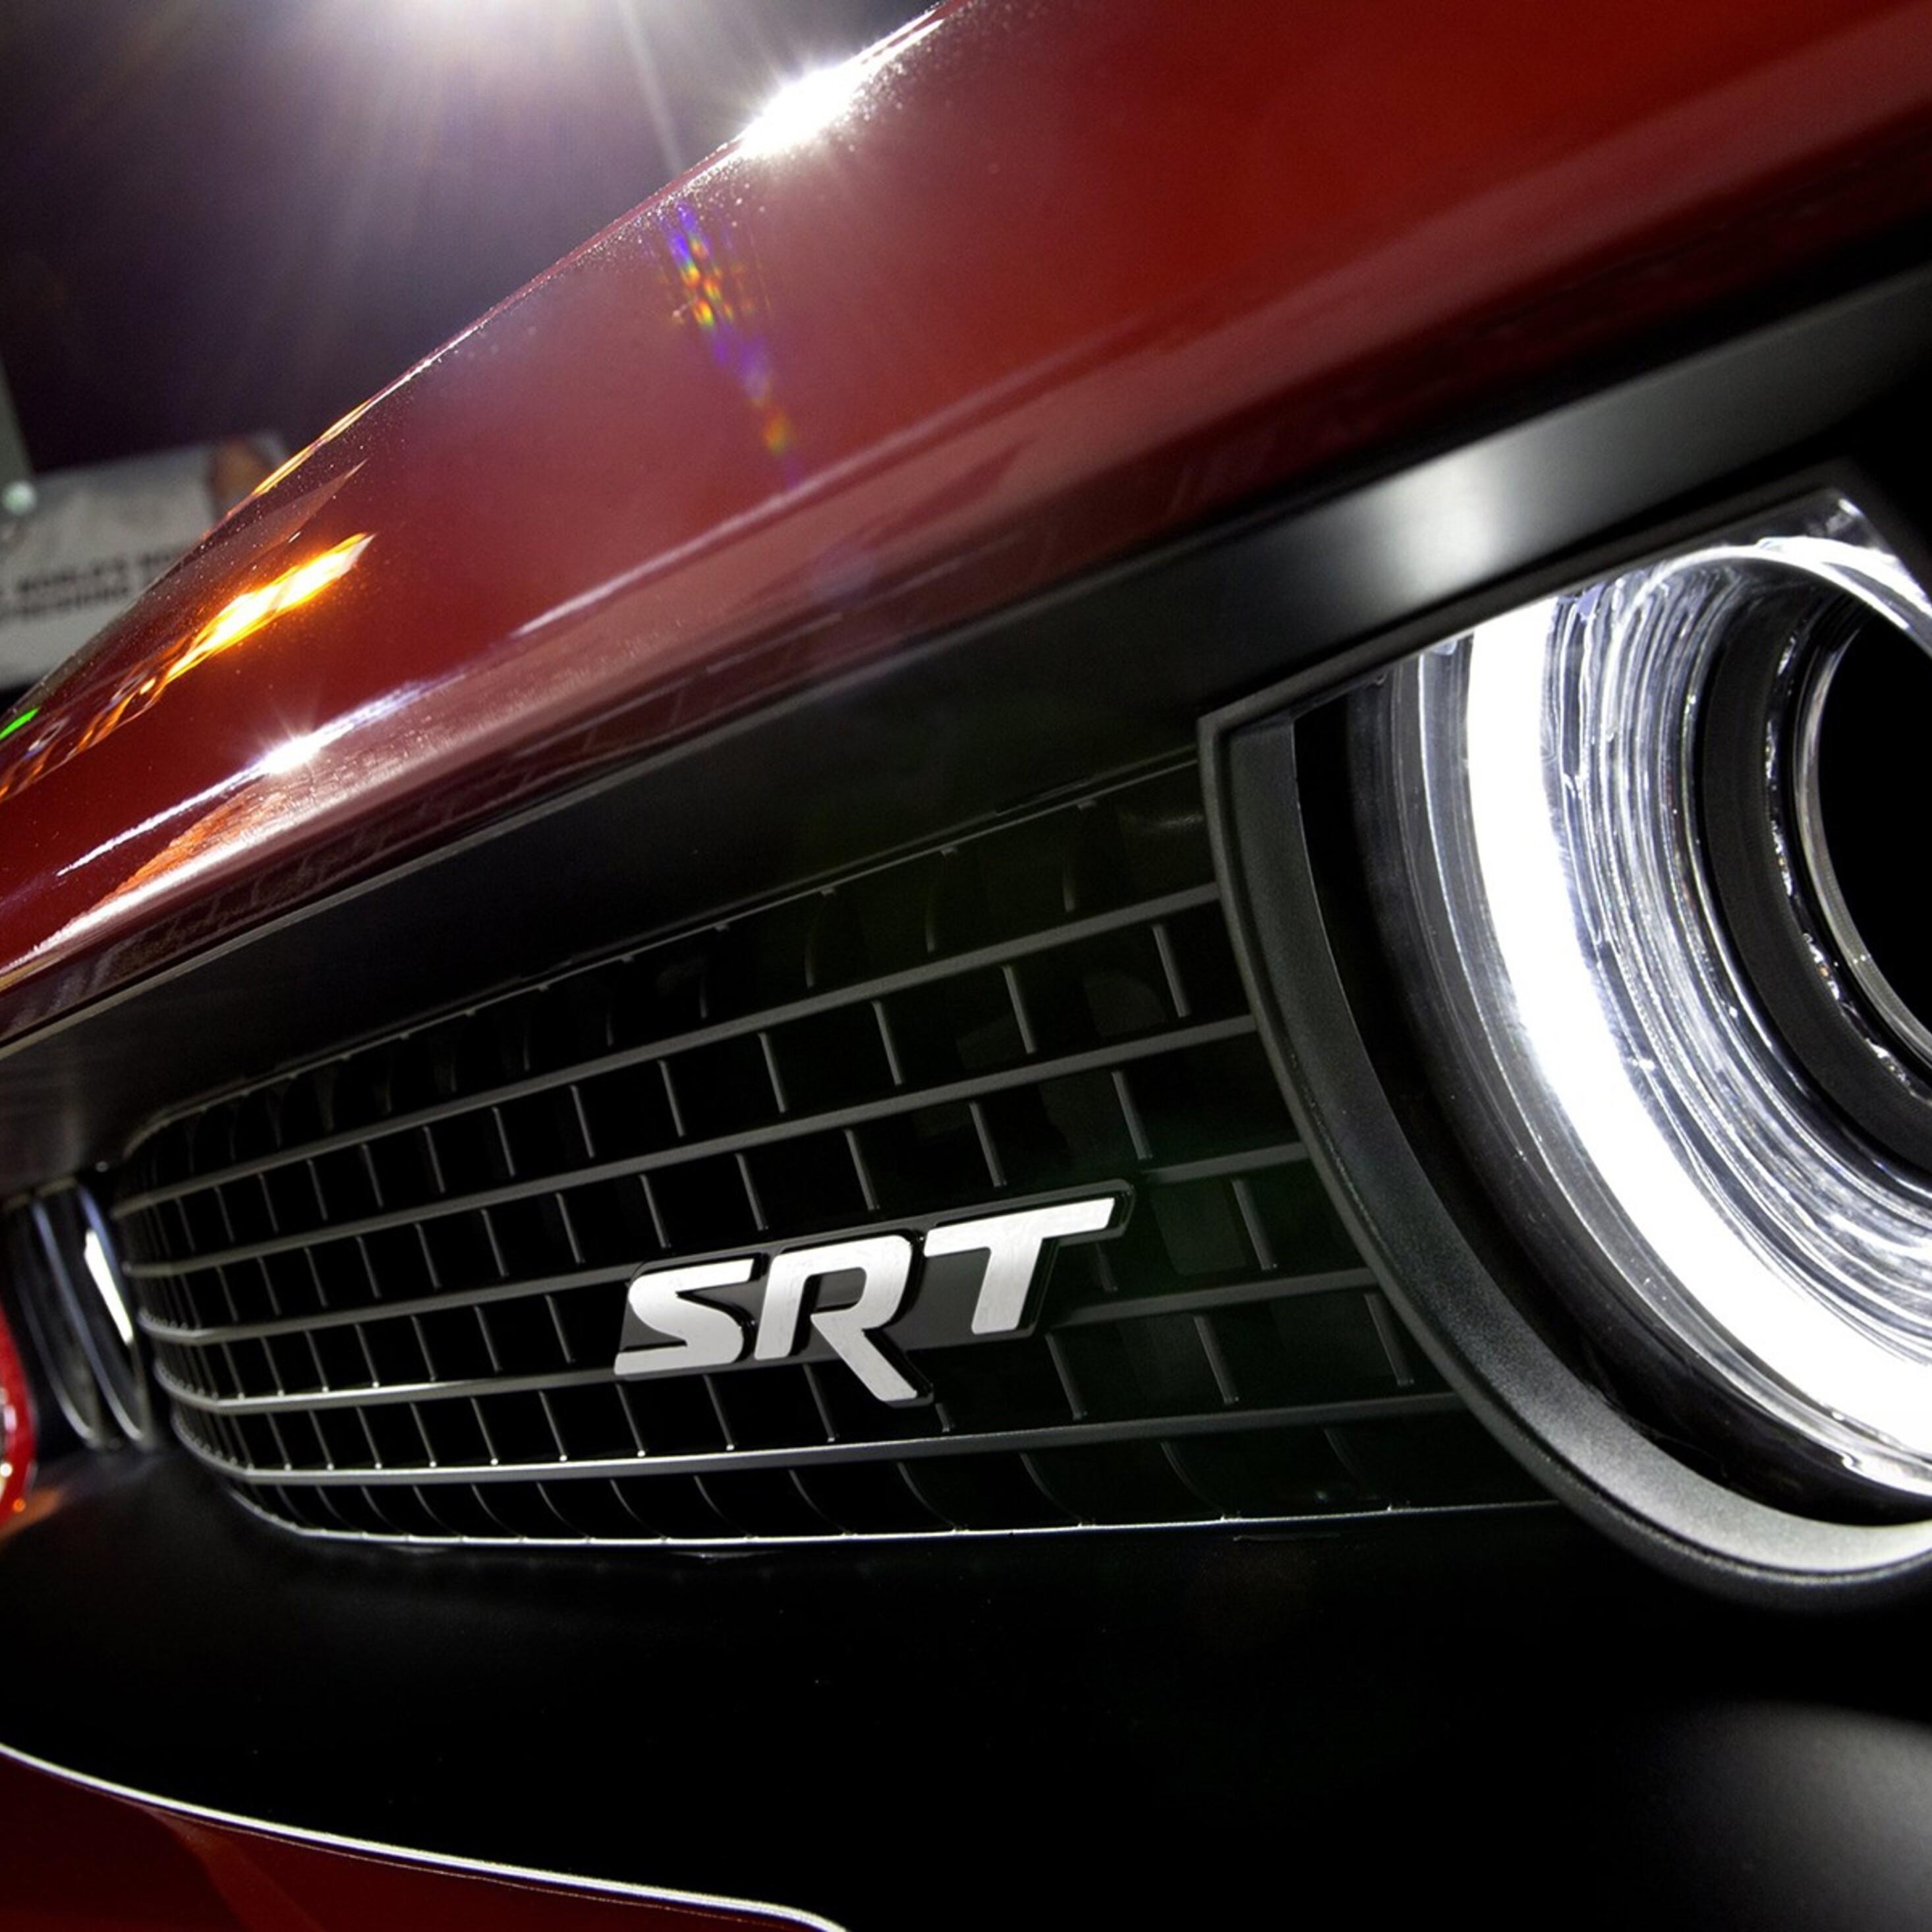 Dodge Car Wallpaper: 2932x2932 Dodge Challenger SRT Logo Ipad Pro Retina